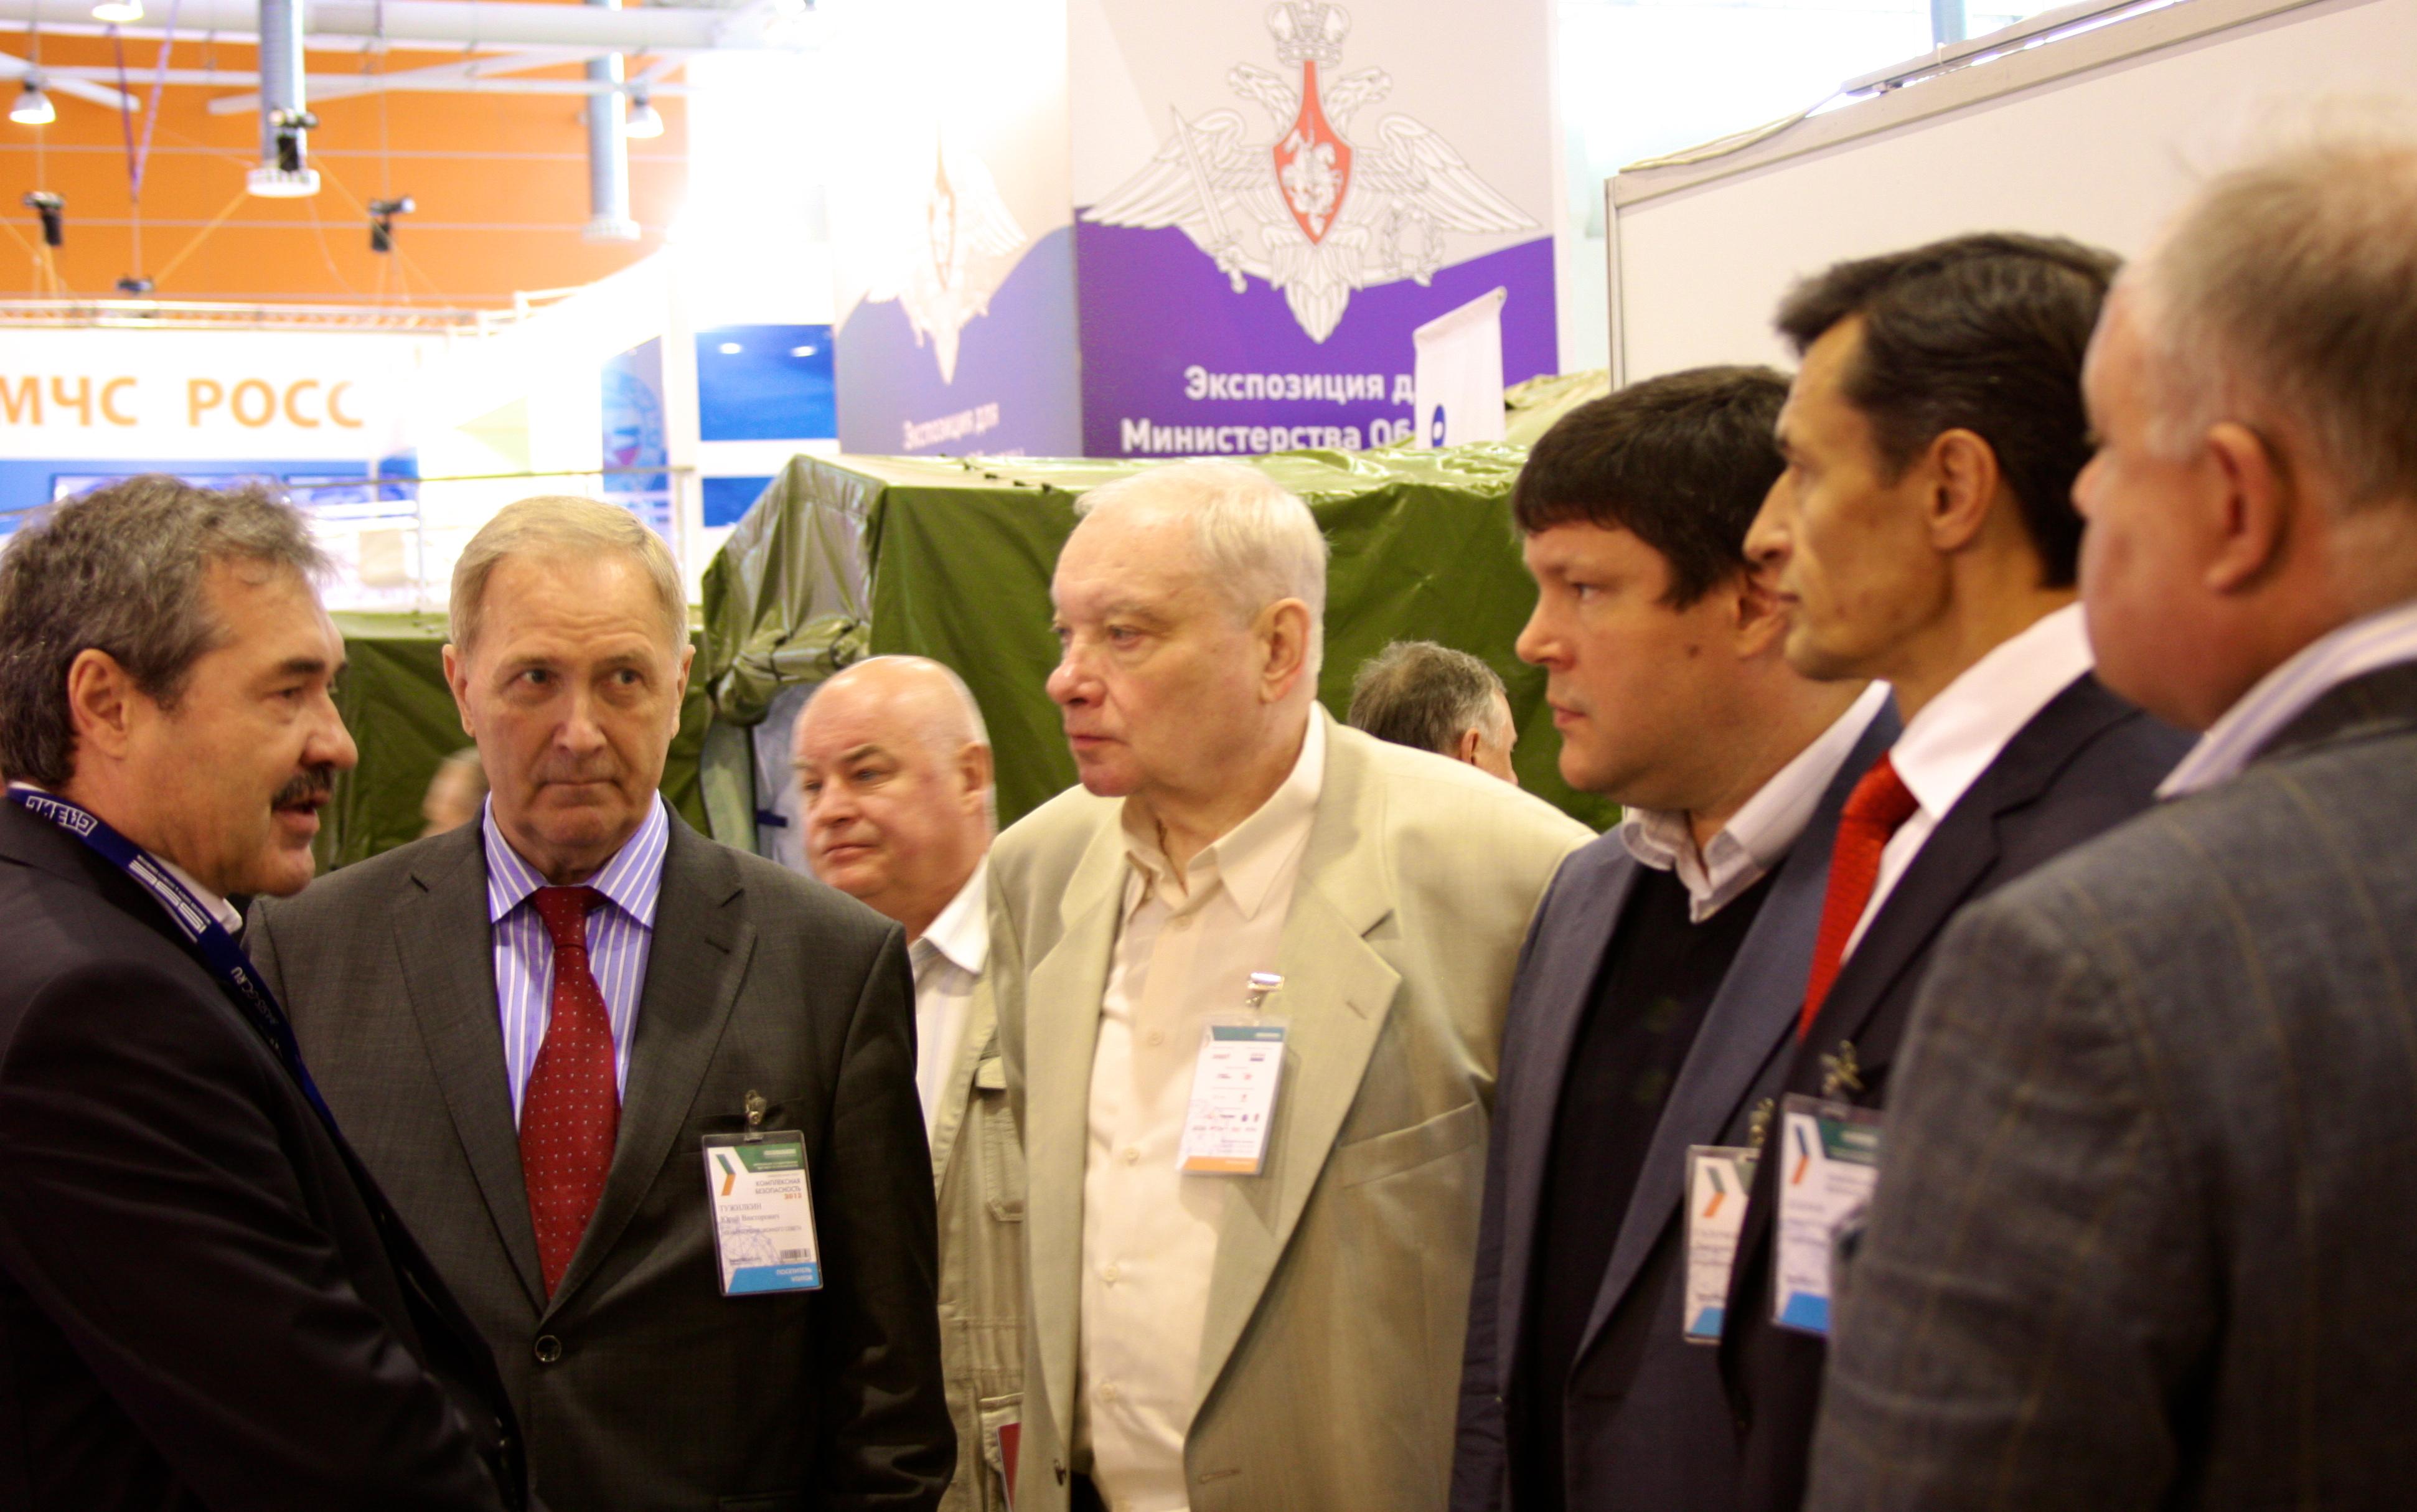 Члены палаты ПСО продемонстрировали свою продукцию и услуги на выставке Комплексная безопасность